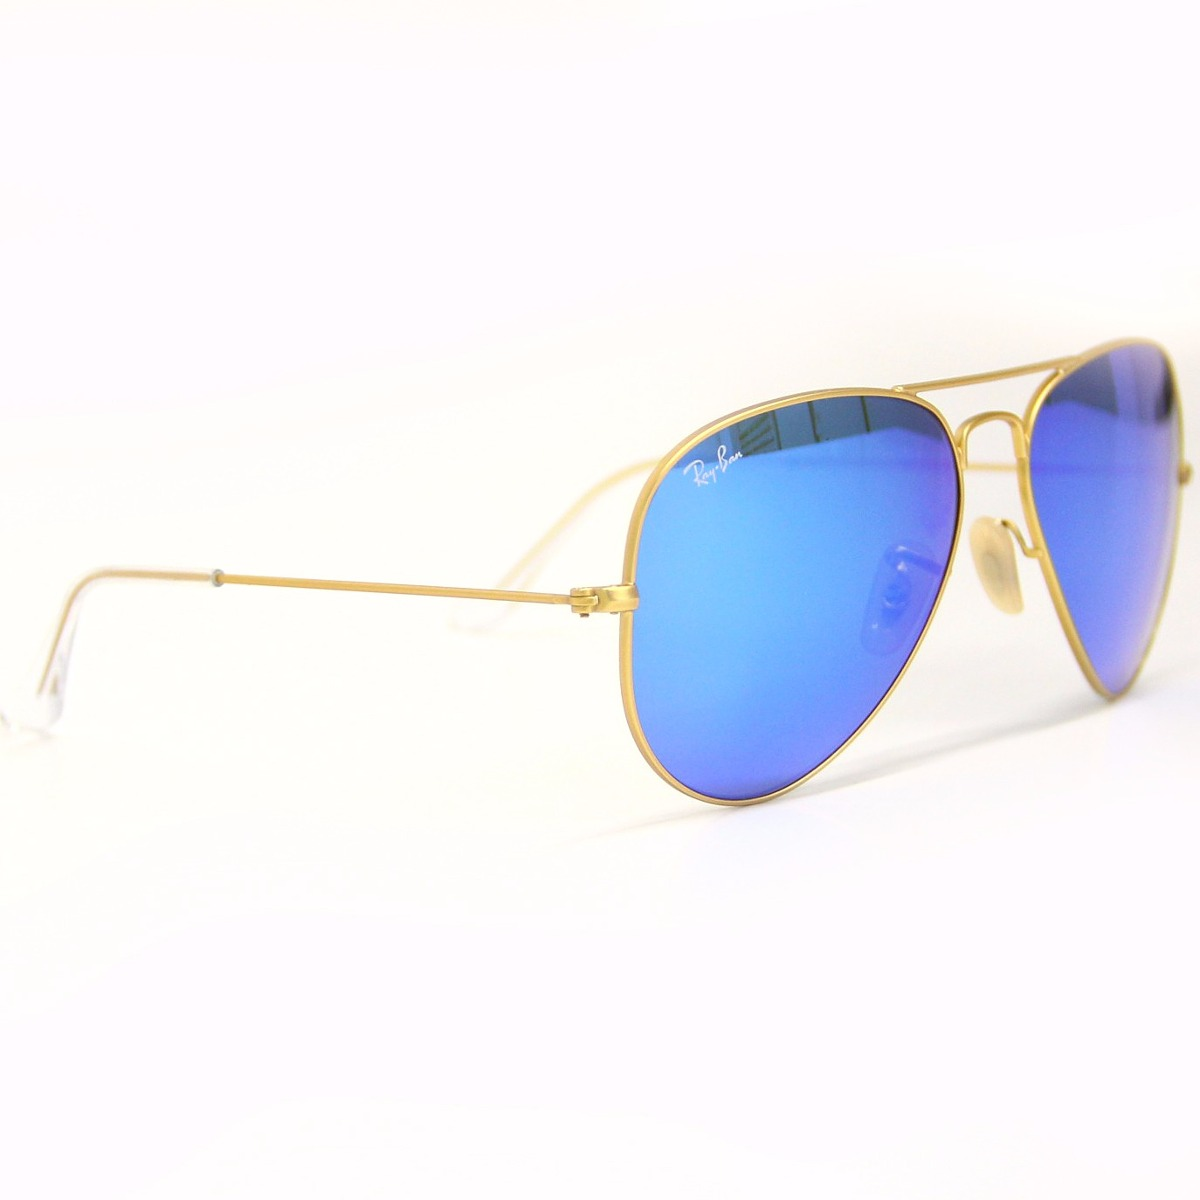 548c4cb03 ... italy óculos de sol ray ban aviador rb3025 58 cores carregando zoom.  12b61 aedd1